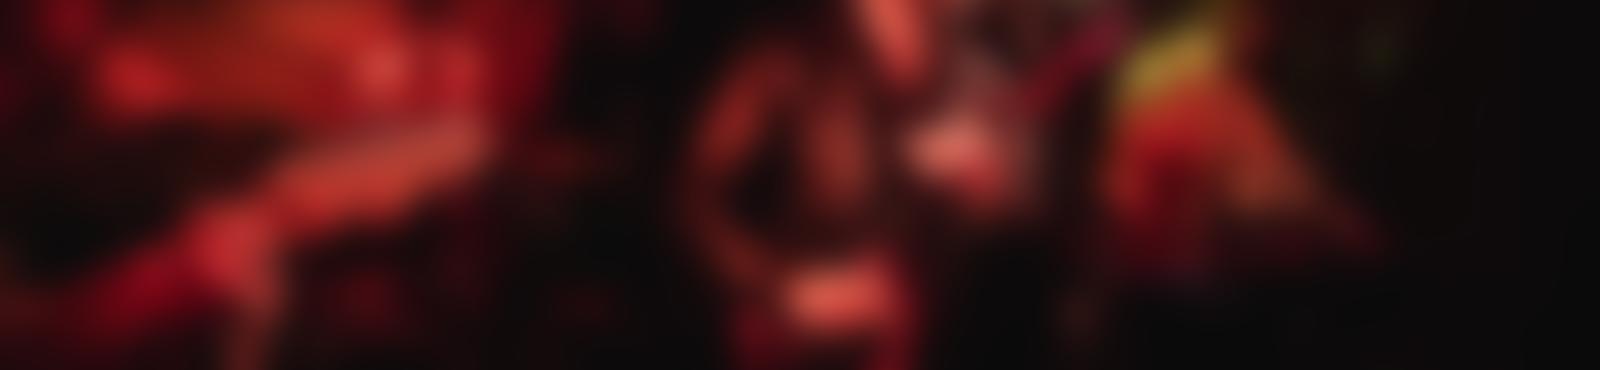 Blurred 6346398b 61f6 4ee0 8edb 72c2873b5f96